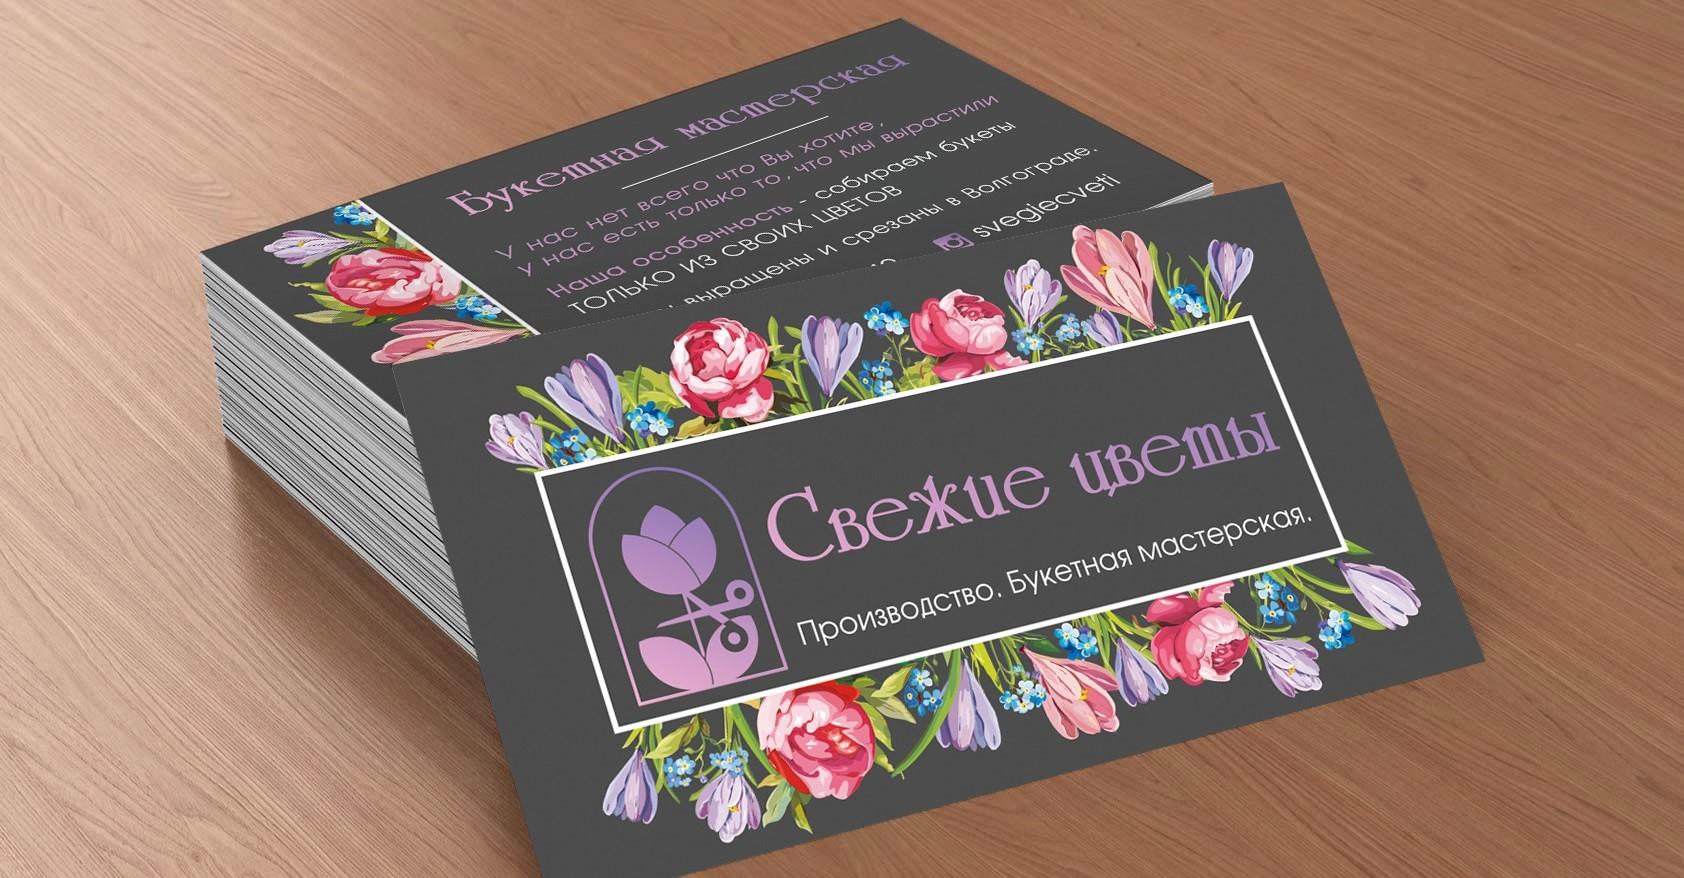 Визитки для цветочного магазина в Москве | фото 5